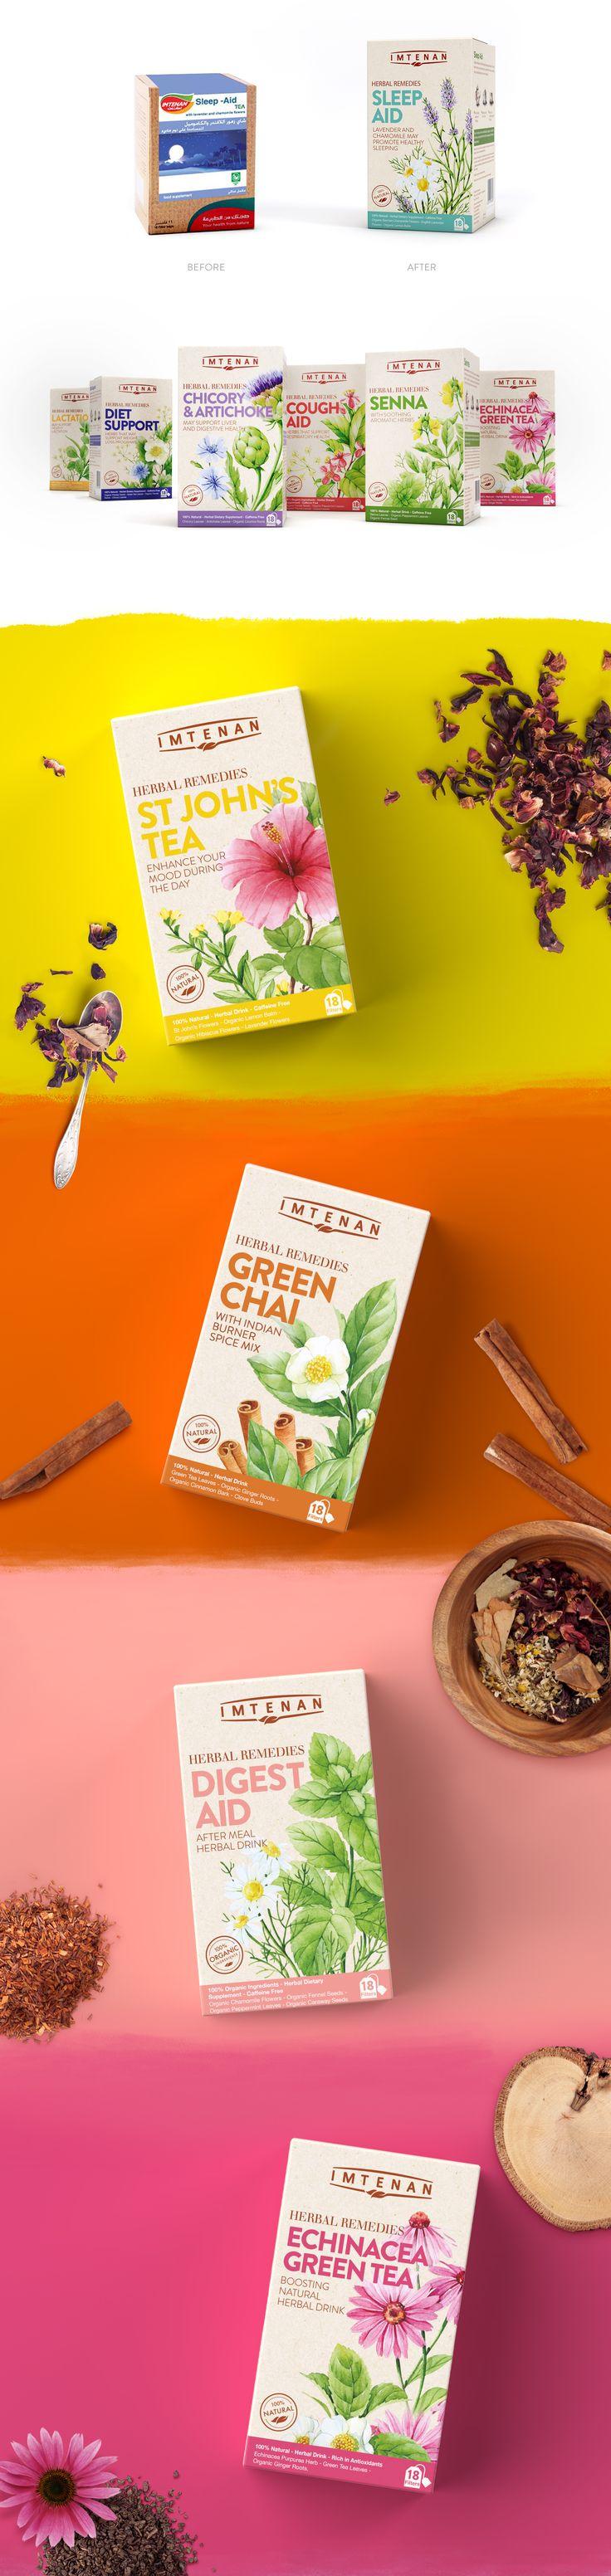 Imtenan Herbal Remedies — The Dieline - Branding & Packaging